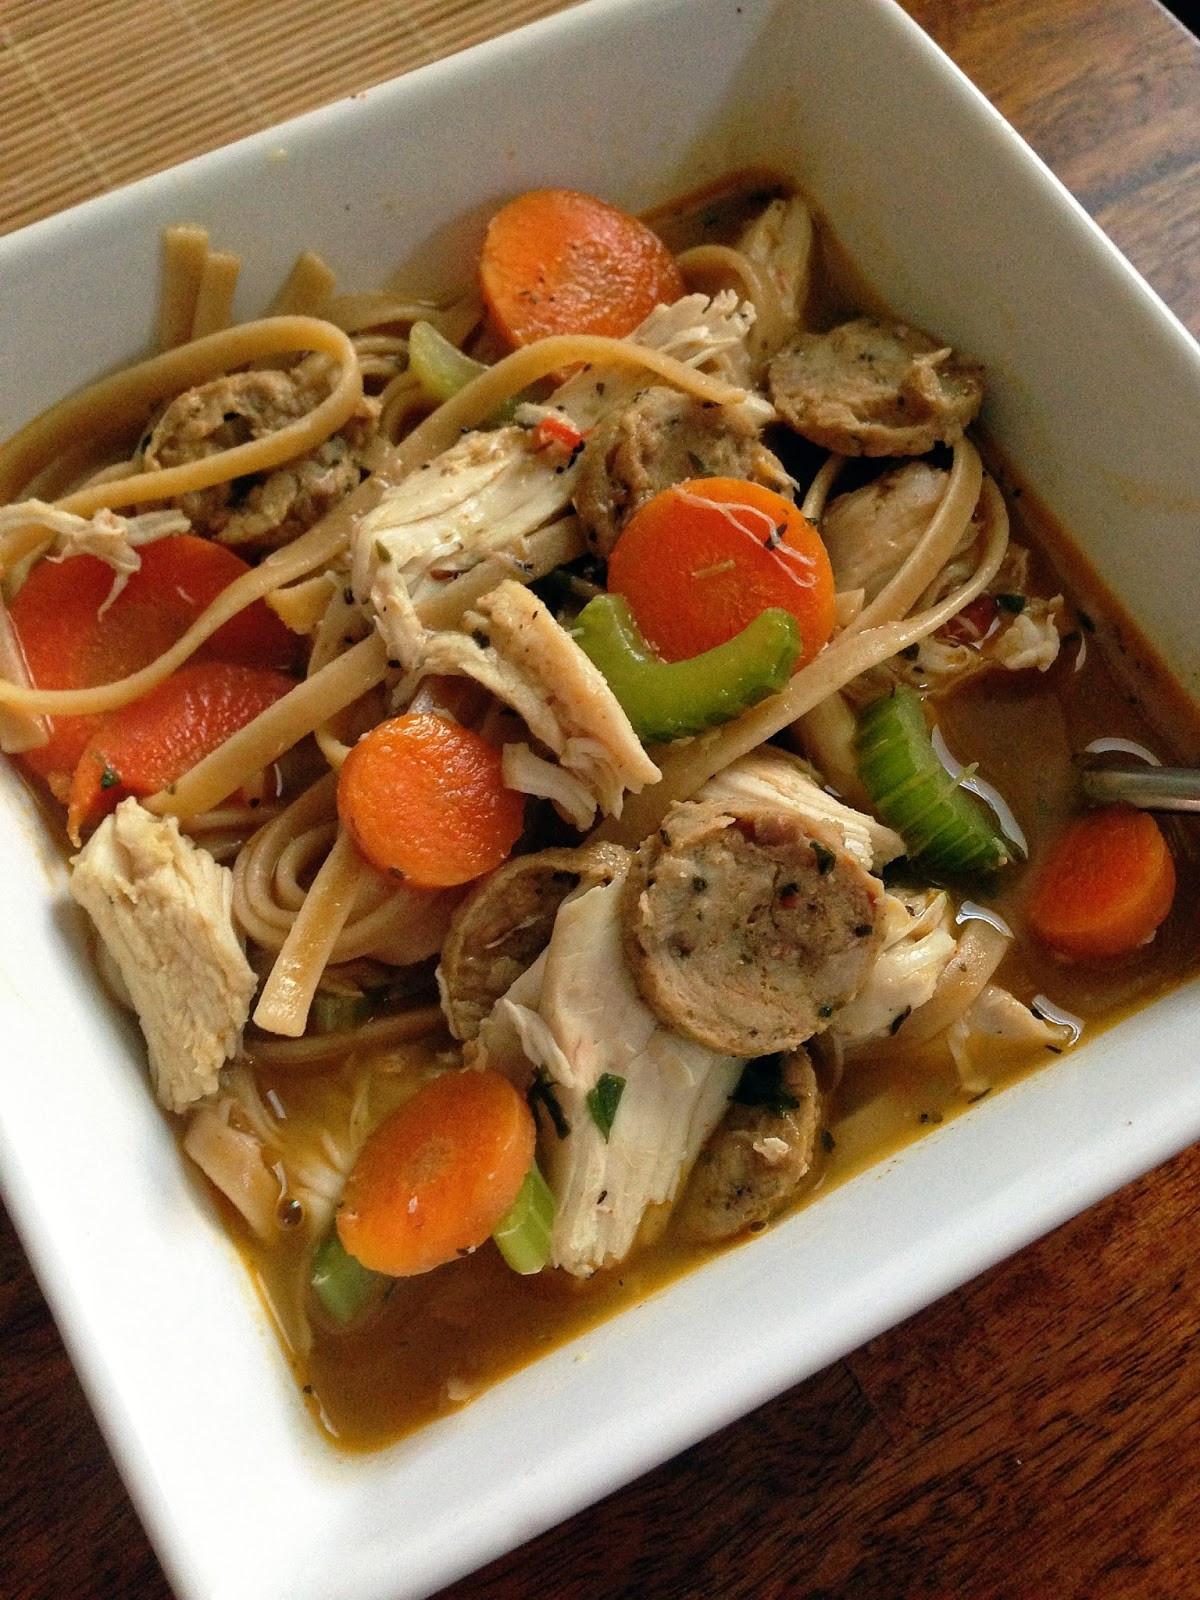 Chicken Soup Healthy  taylor made clean & healthy spicy cajun chicken noodle soup